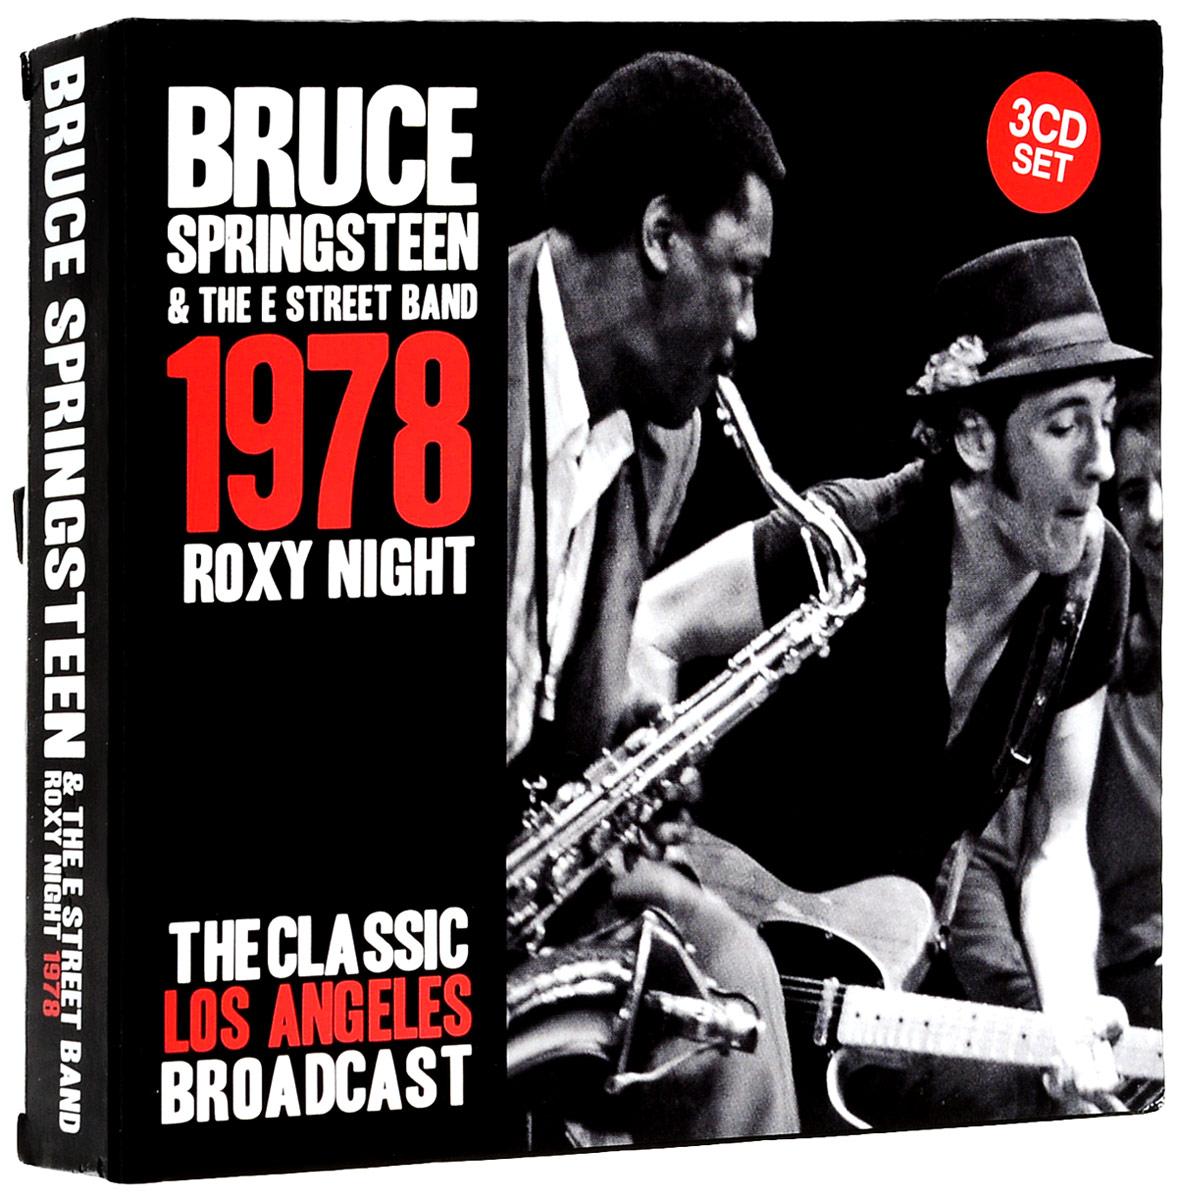 Брюс Спрингстин Bruce Springsteen. Roxy Night (3 CD) брюс спрингстин bruce springsteen born to run remastered